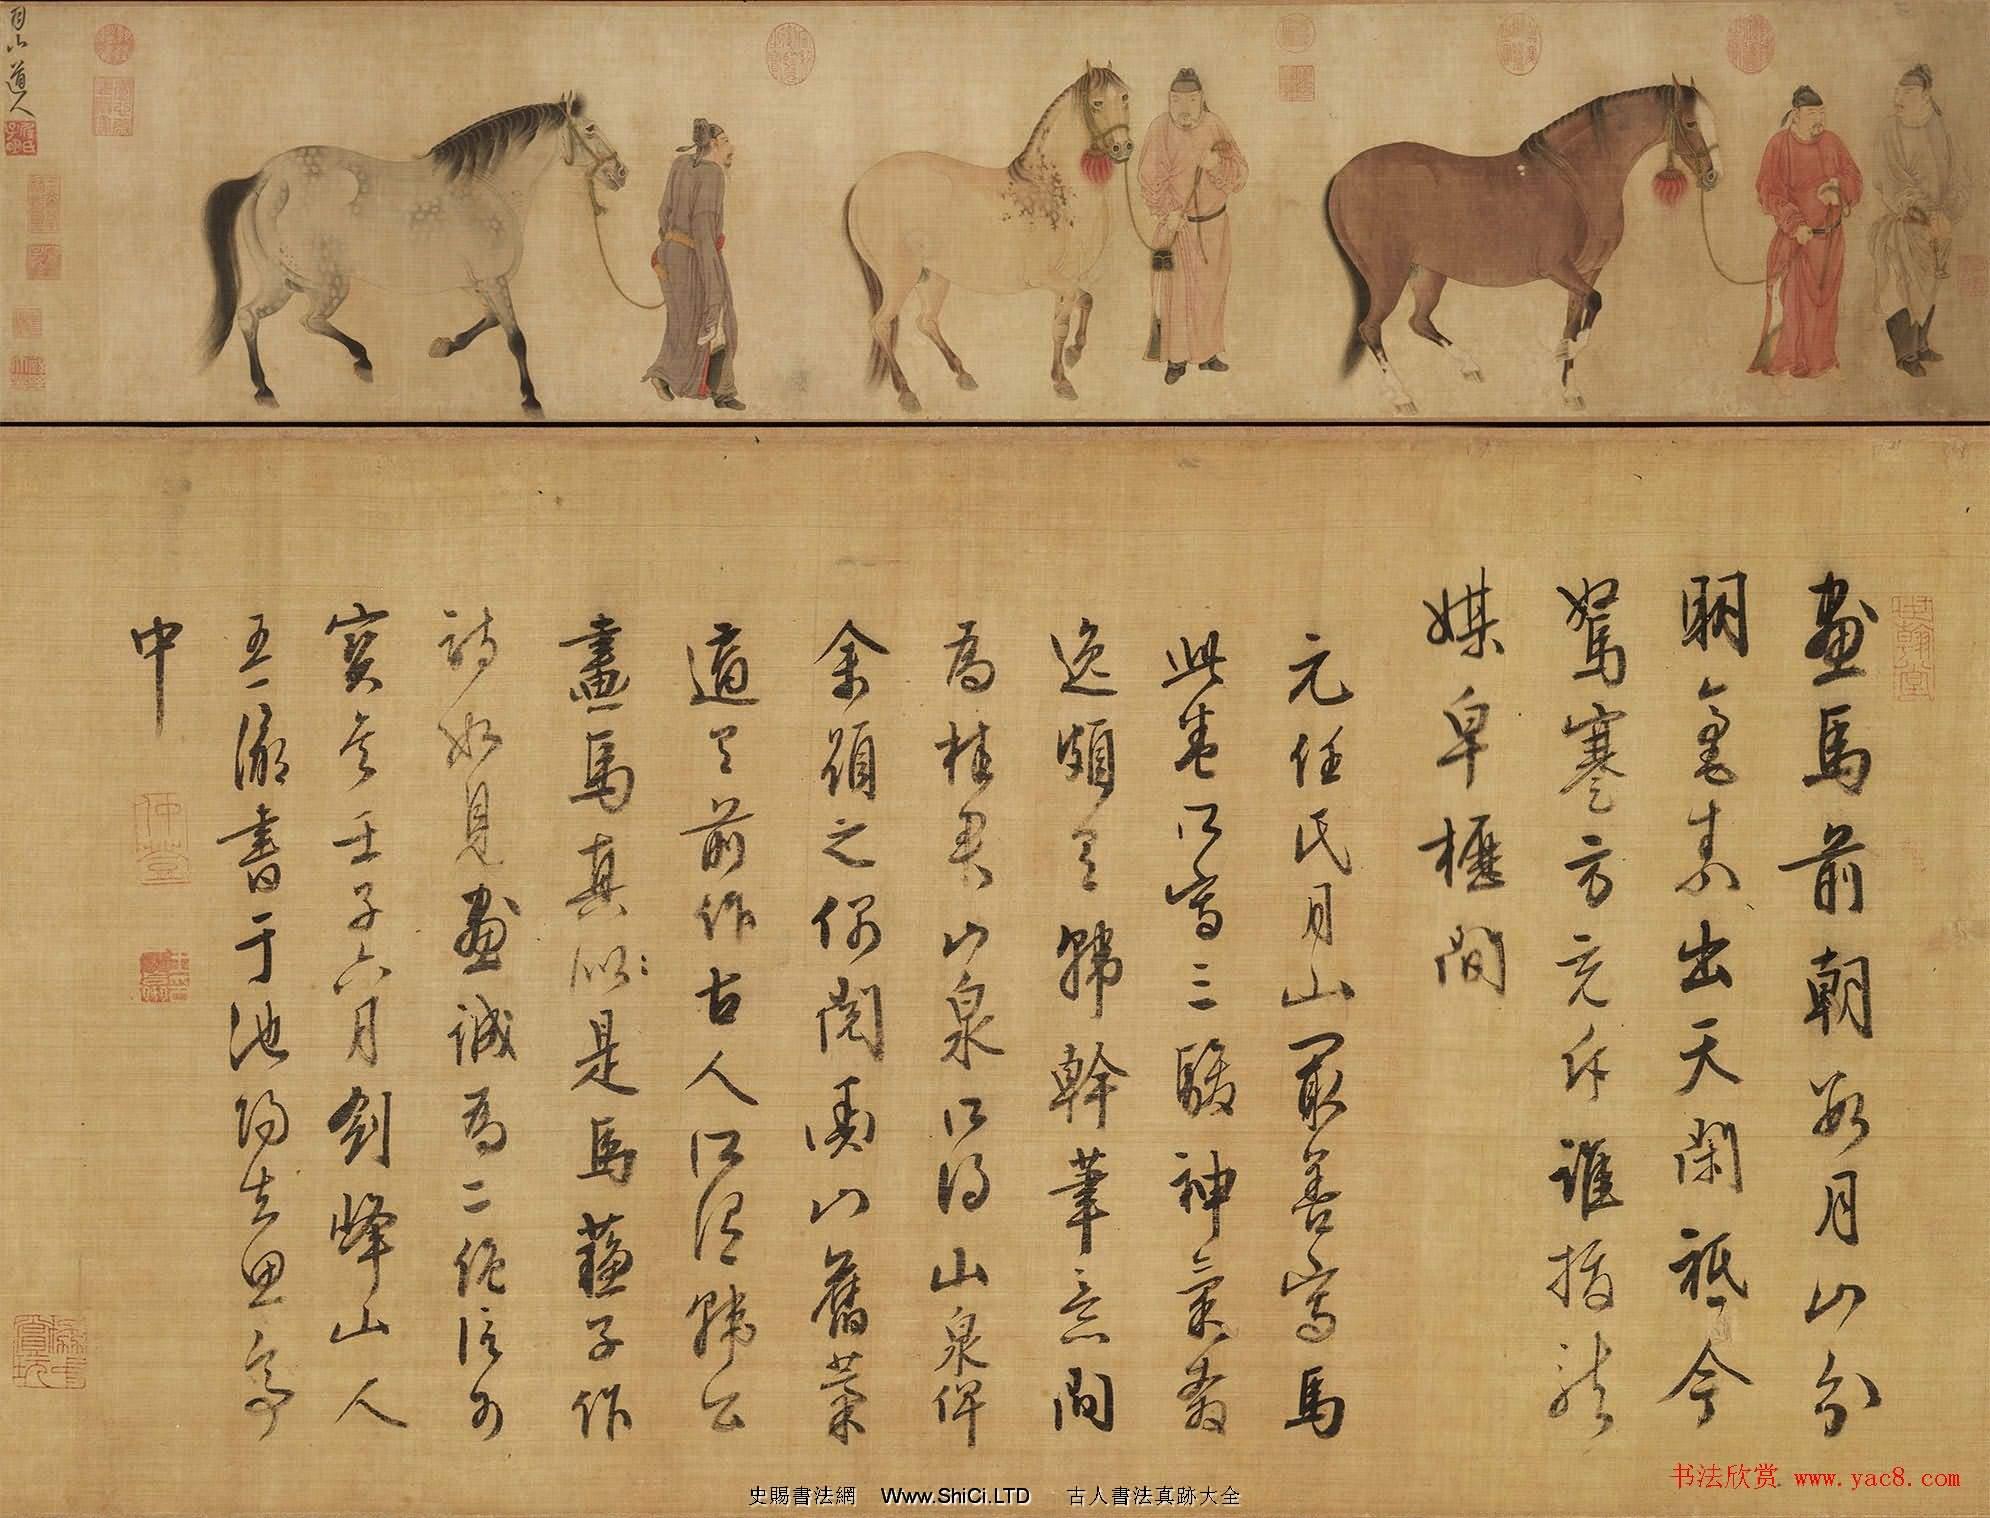 明代王一瀛書法題跋字帖《任仁發人馬圖》(共8張圖片)